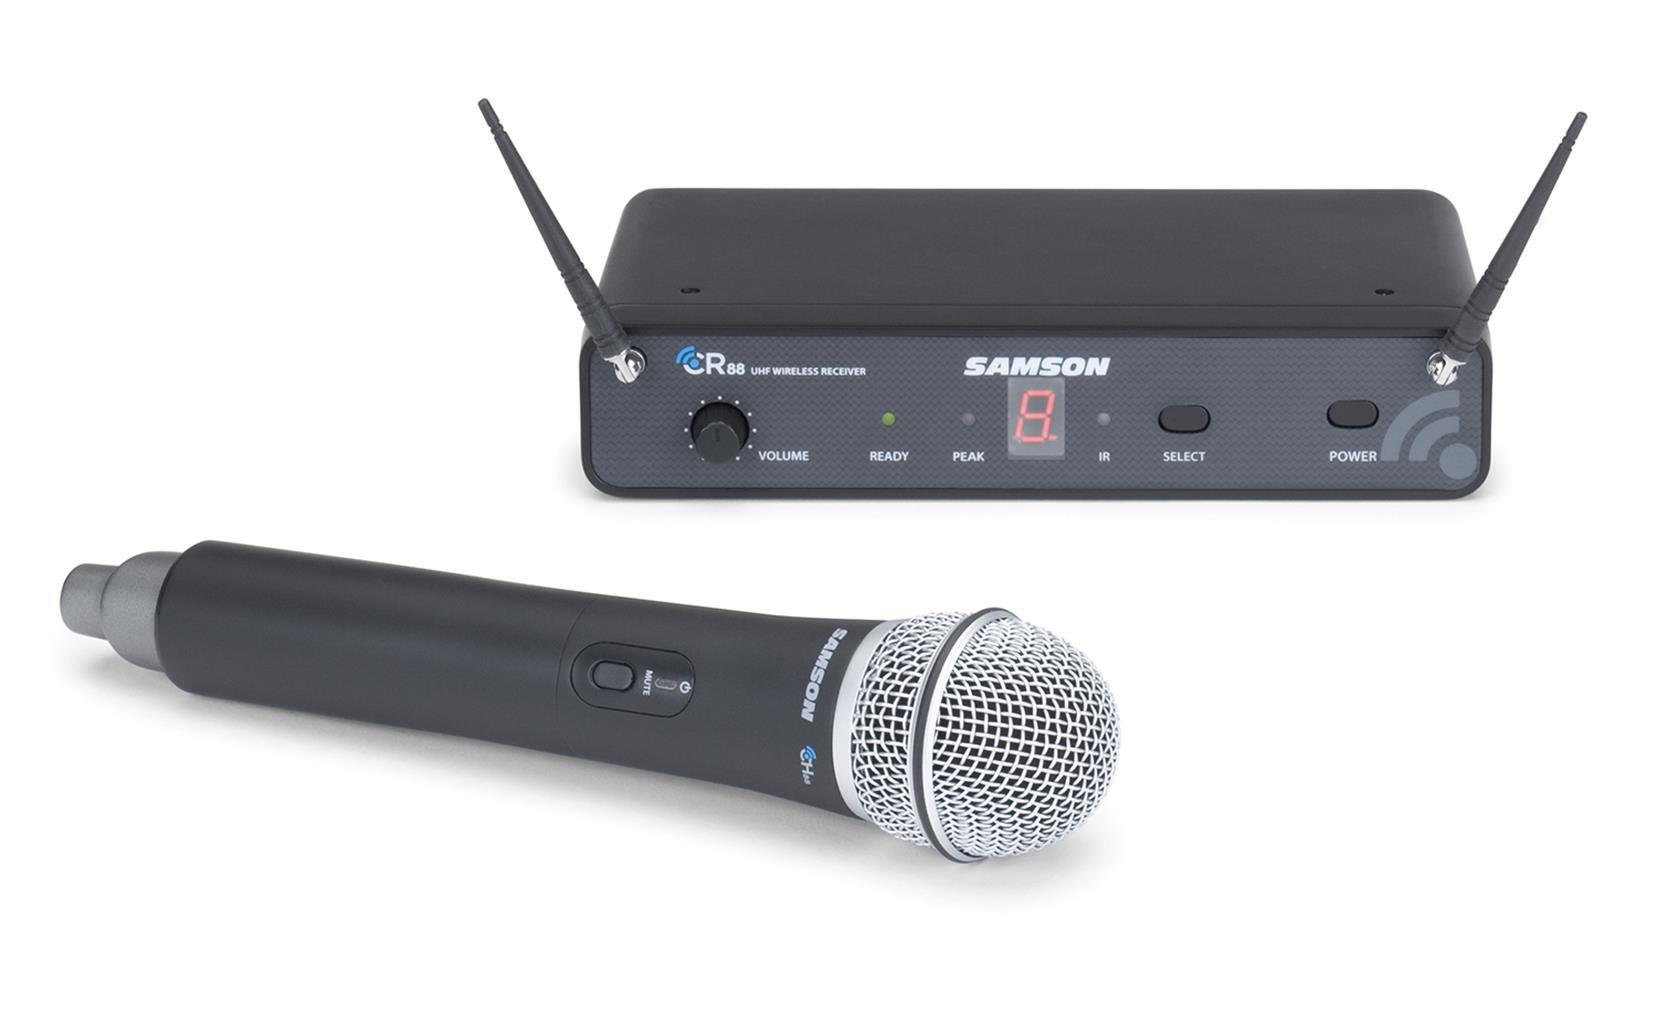 Samson-CONCERT-88-UHF-Handheld-System-F-863-865-MHz-sku-7649290644052